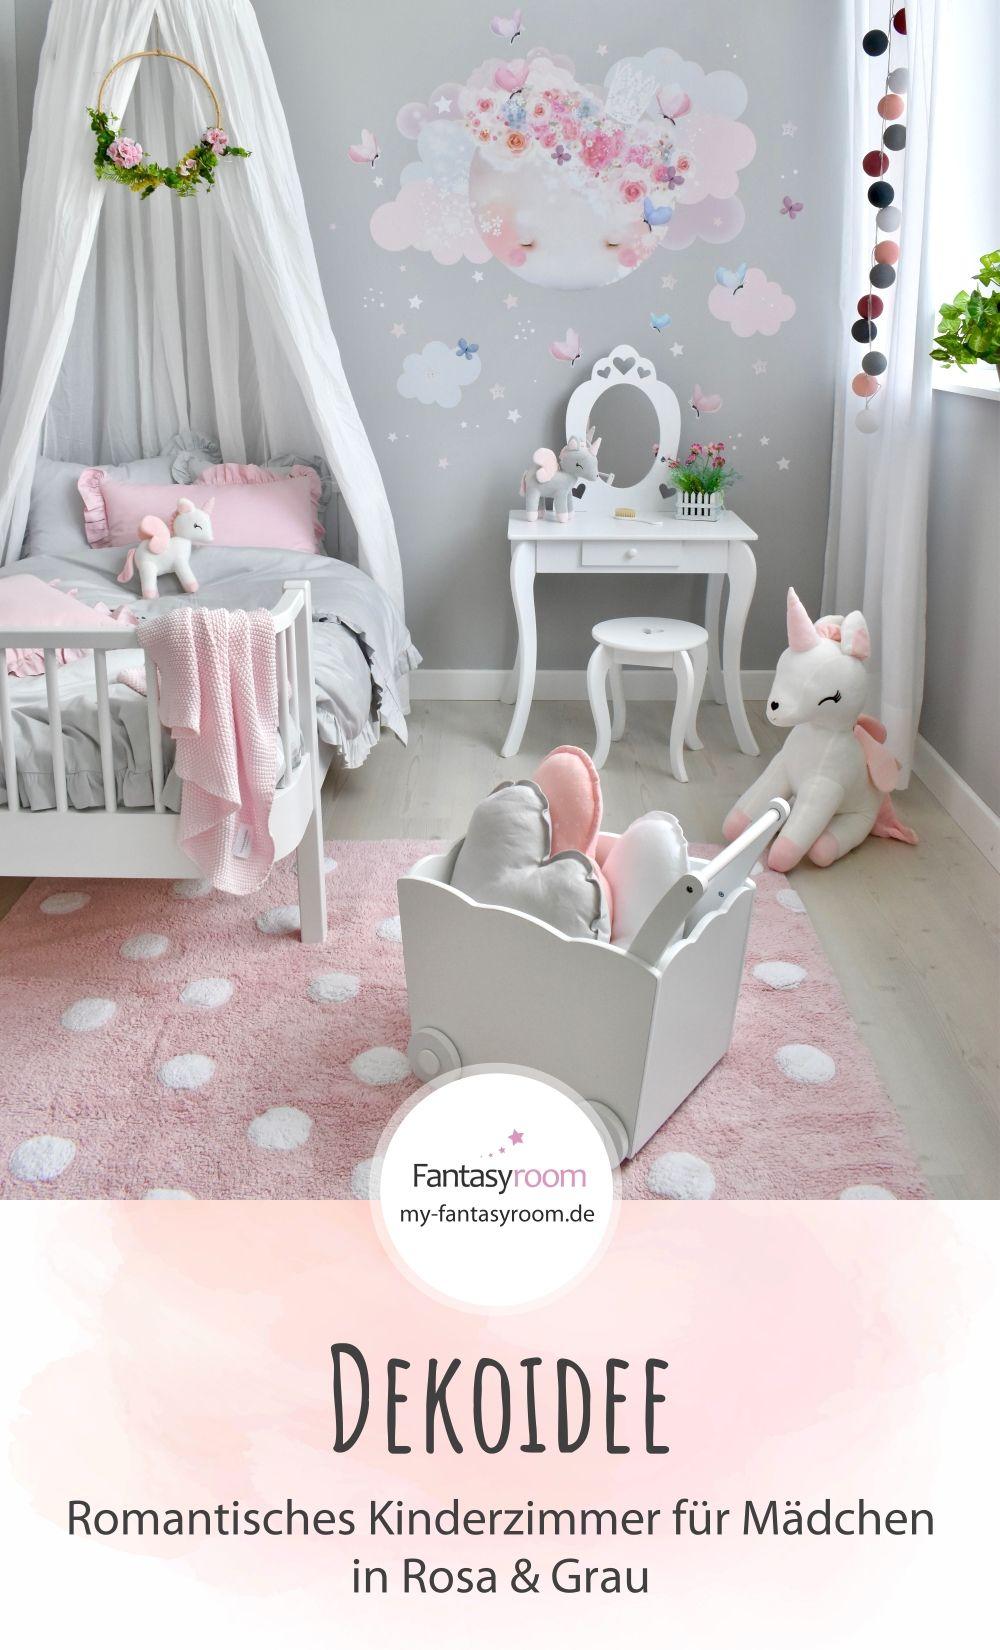 Romantisches Kinderzimmer für Mädchen